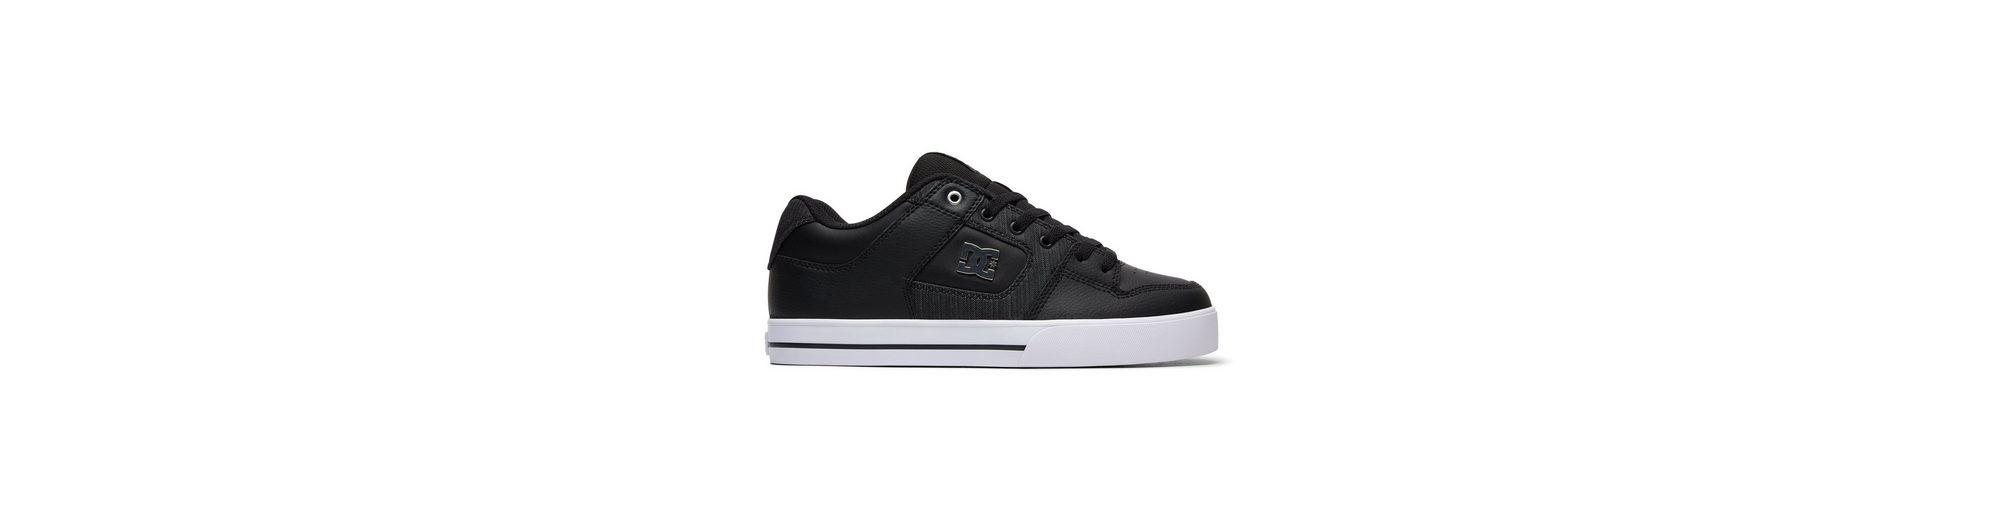 DC Shoes Schuhe Pure SE Exklusiv Amazon Günstiger Preis Nett 8zLGeEat